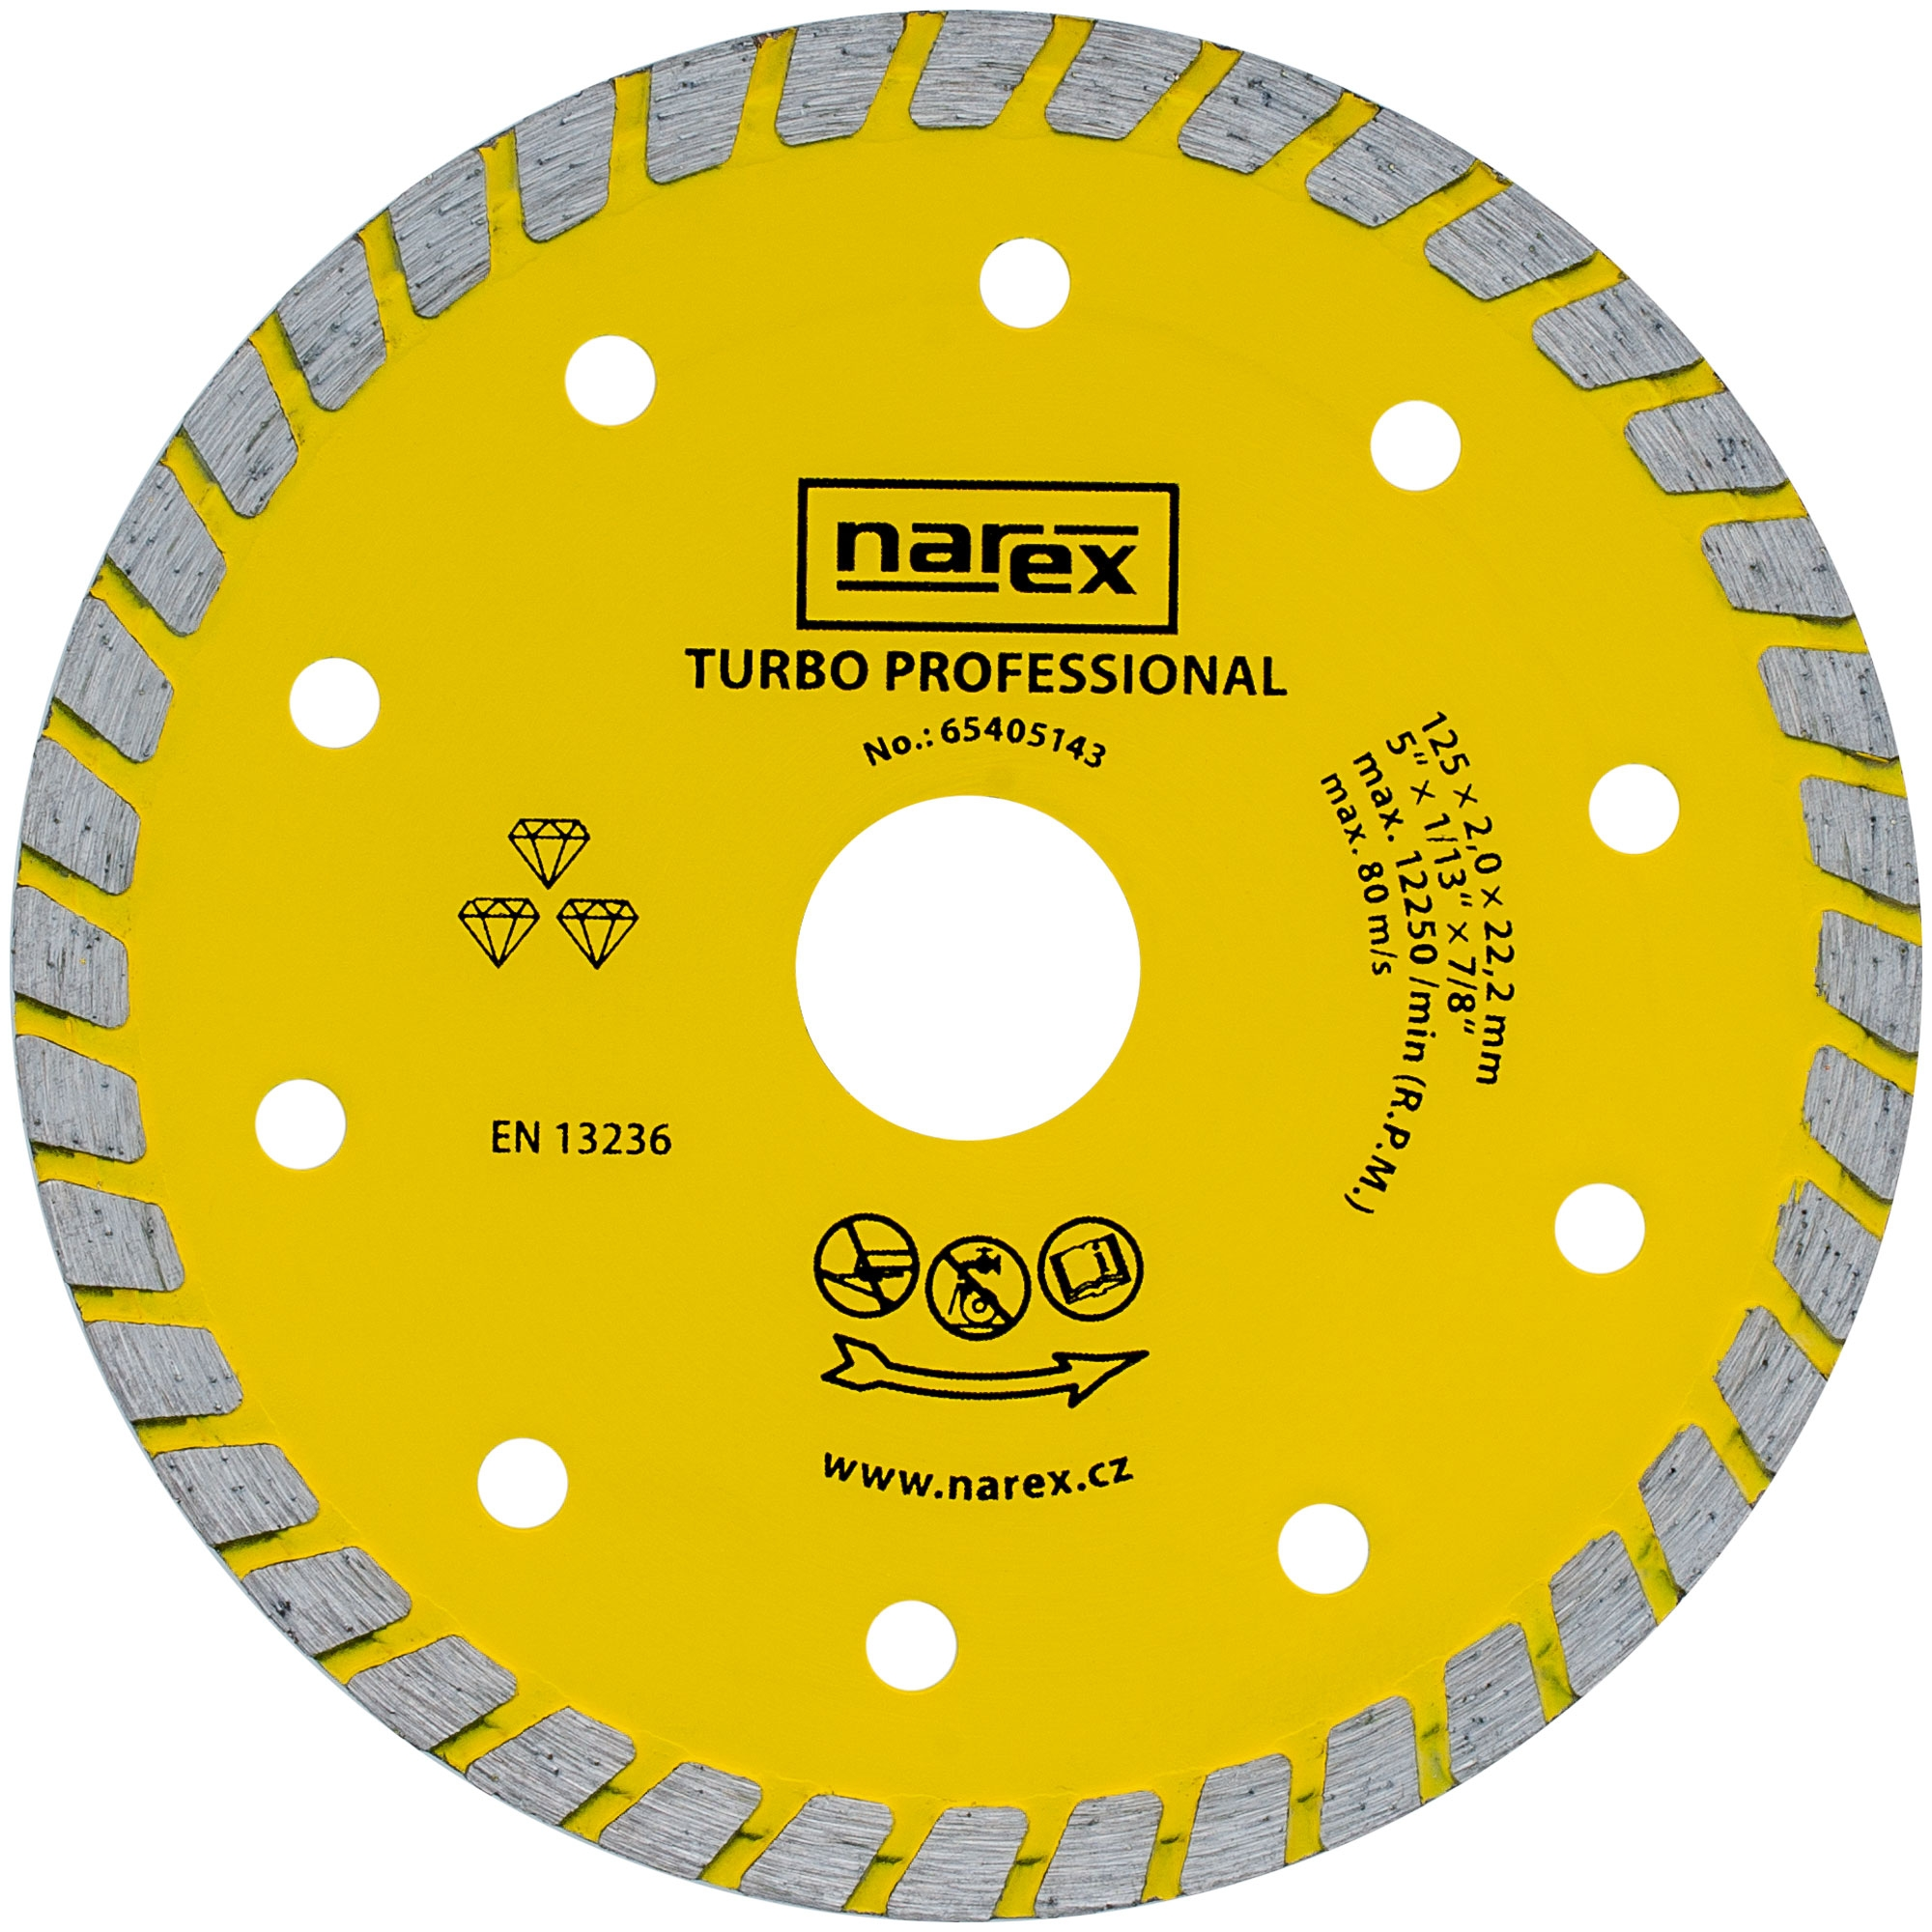 Narex DIA 125 TP -...